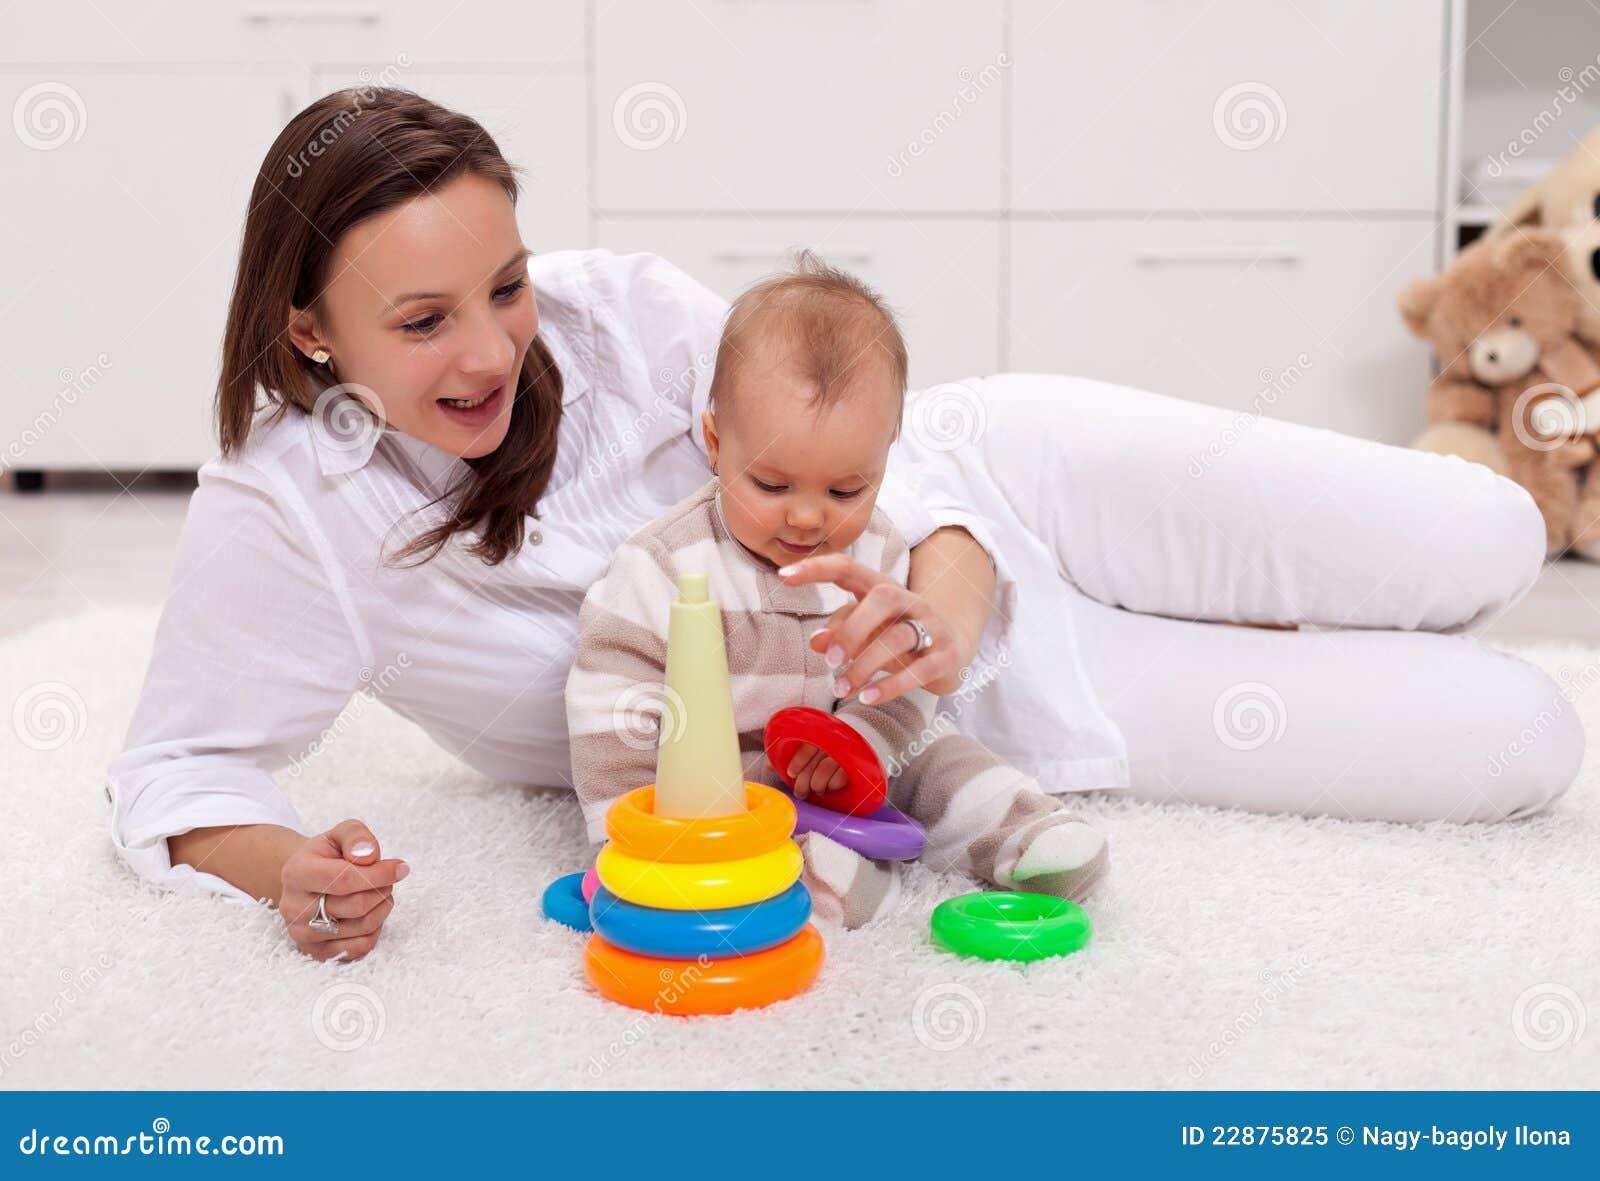 Сын с мамой играют в бутылочку 5 фотография